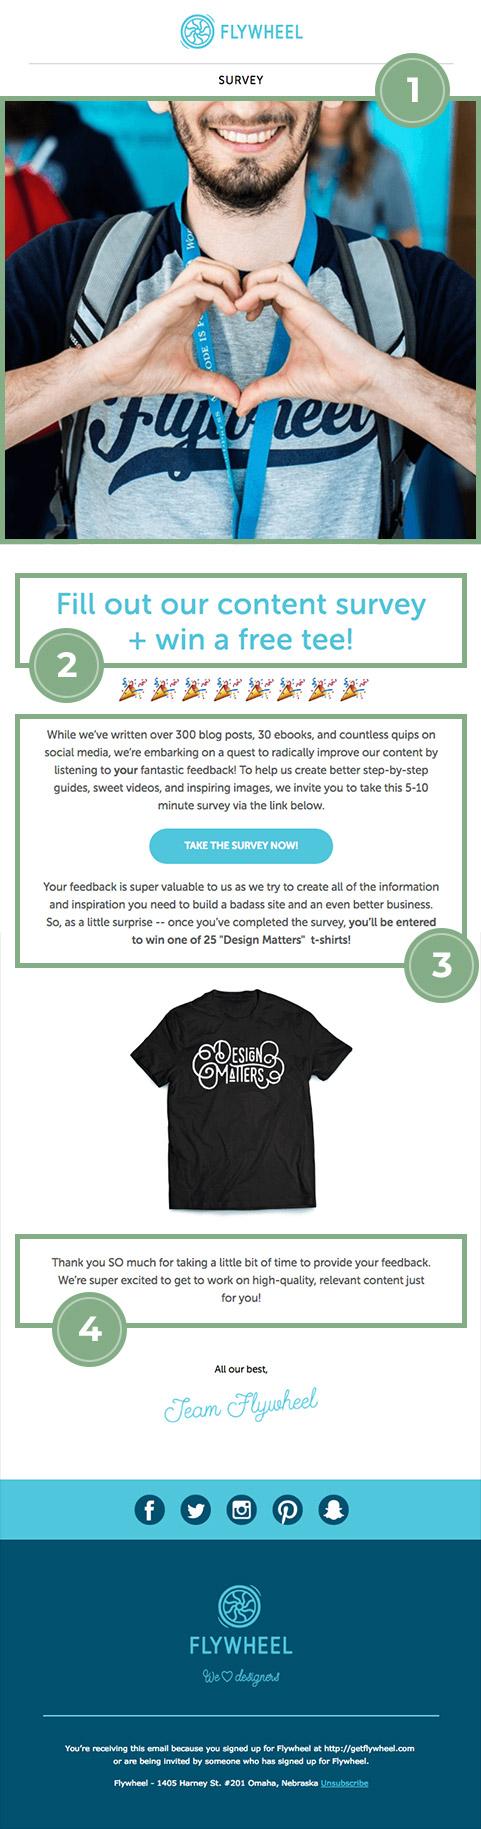 Customer feedback Flyweel email